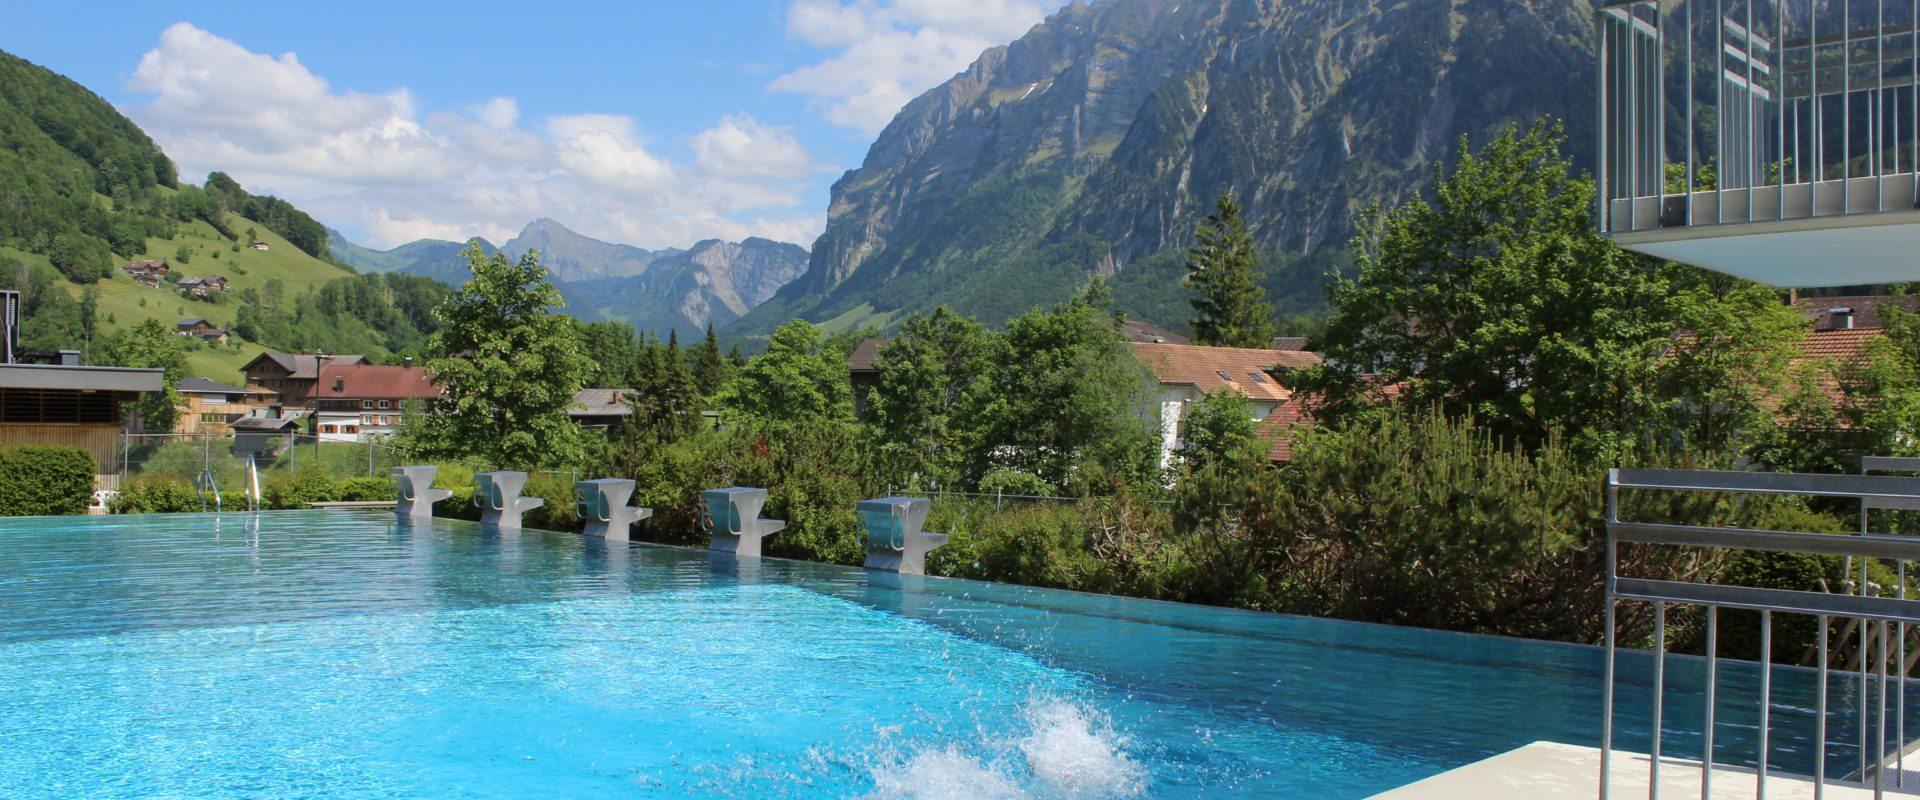 Schwimmbad Mellau